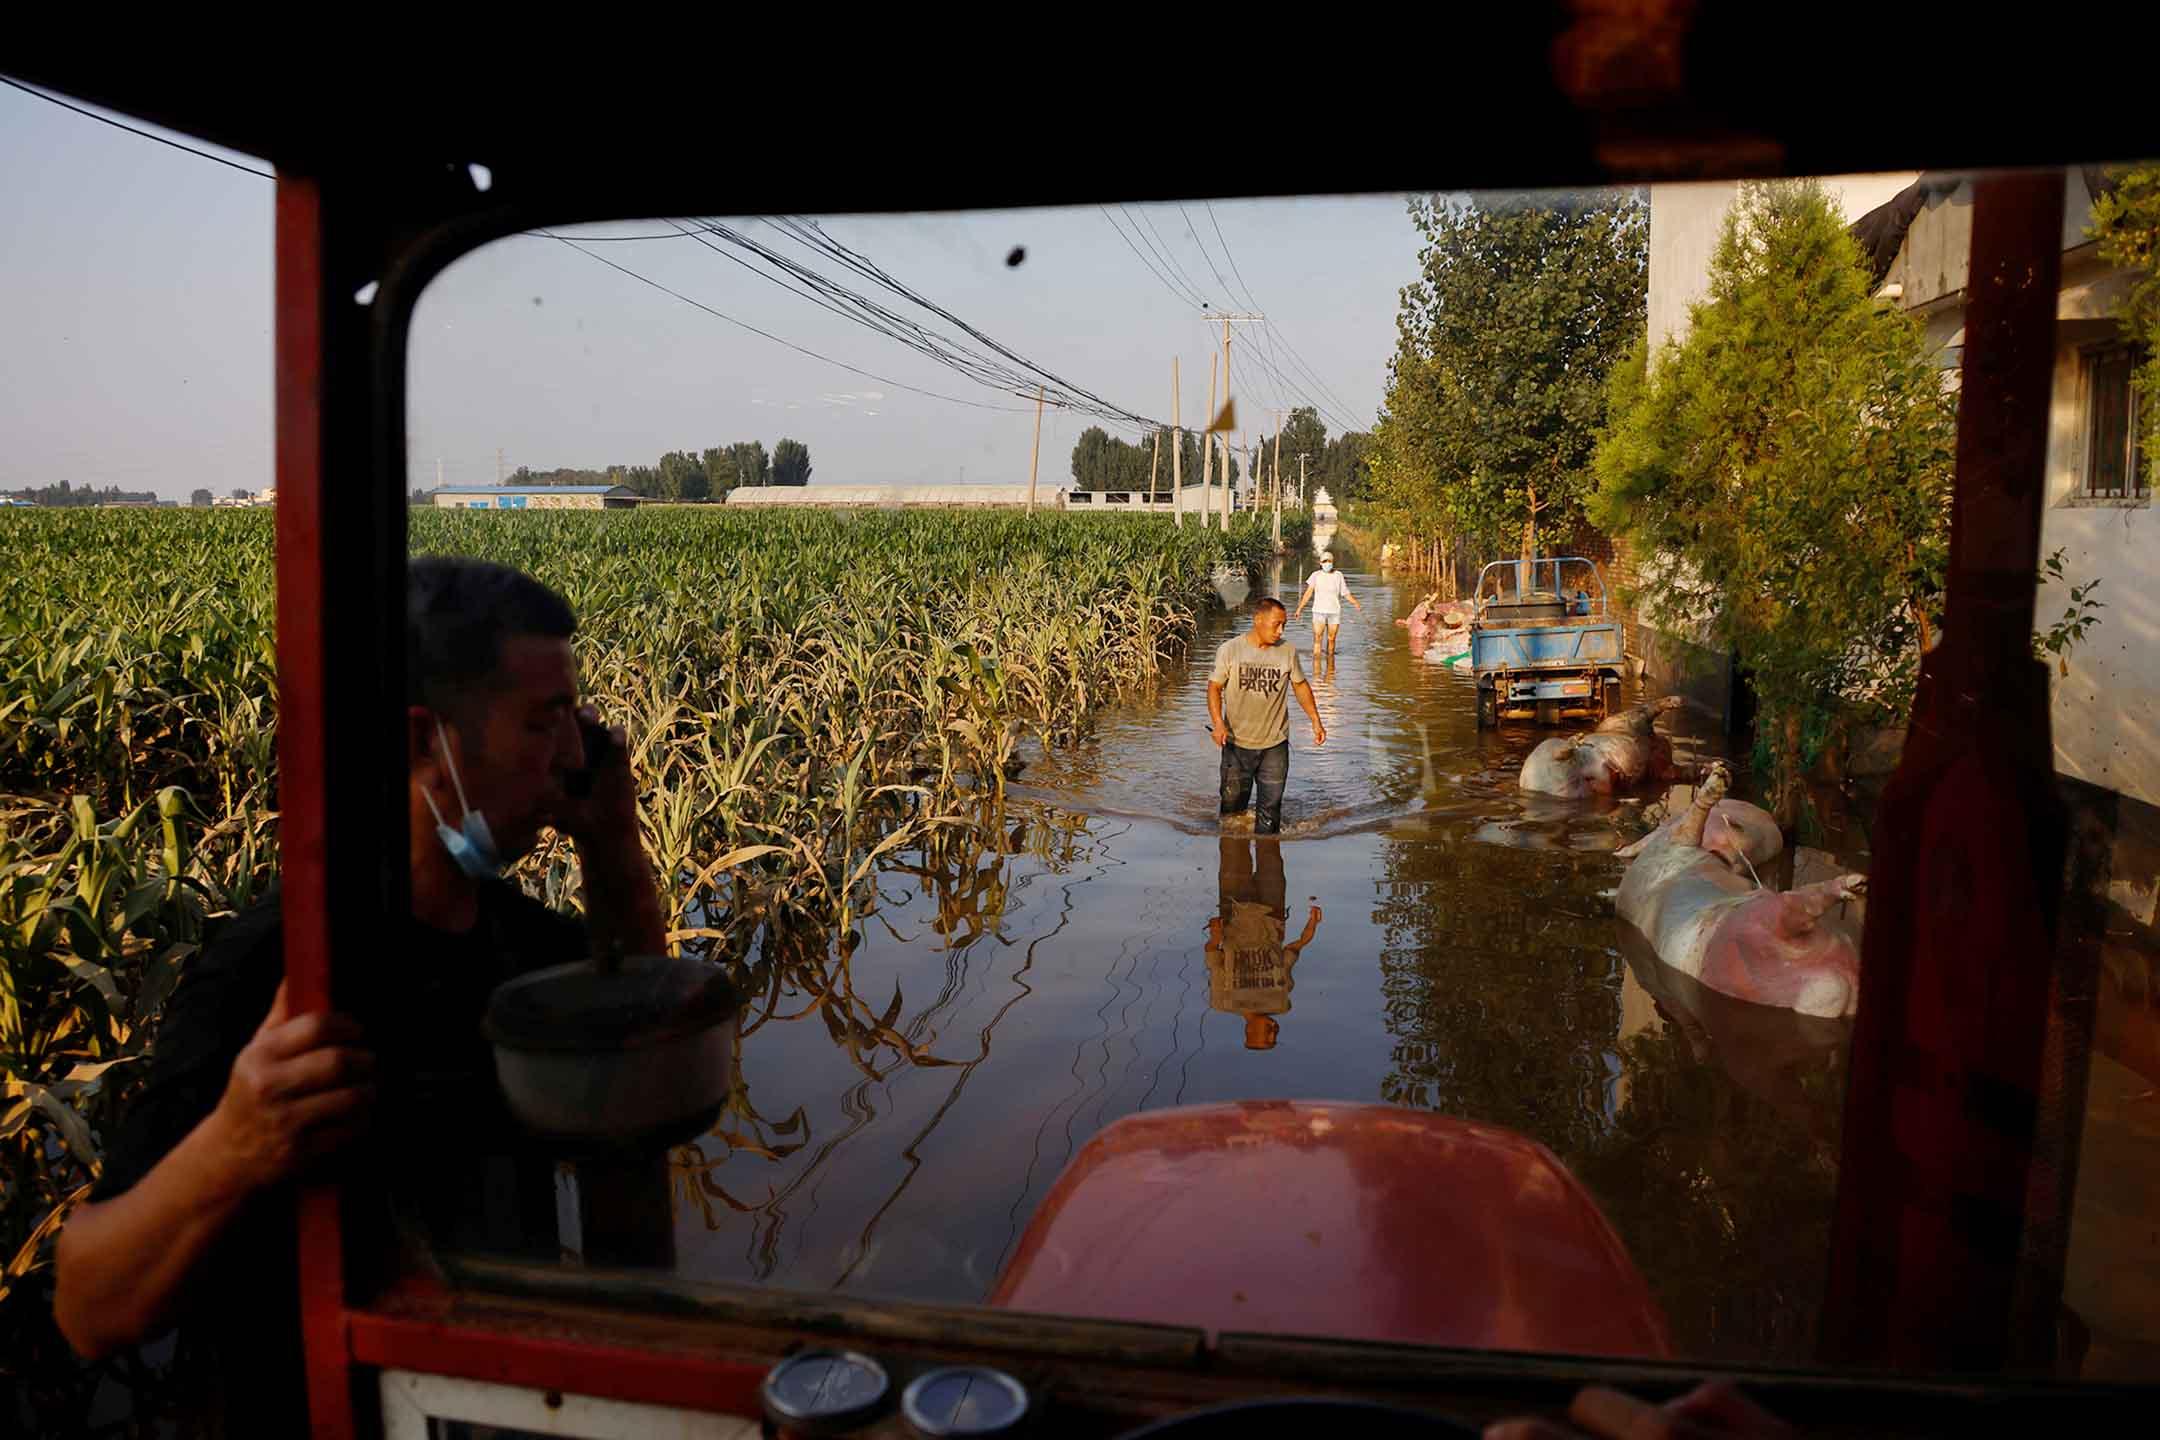 2021年7月25日中國河南省新鄉市,暴雨後豬農在洪水中走過農田旁的豬屍體。